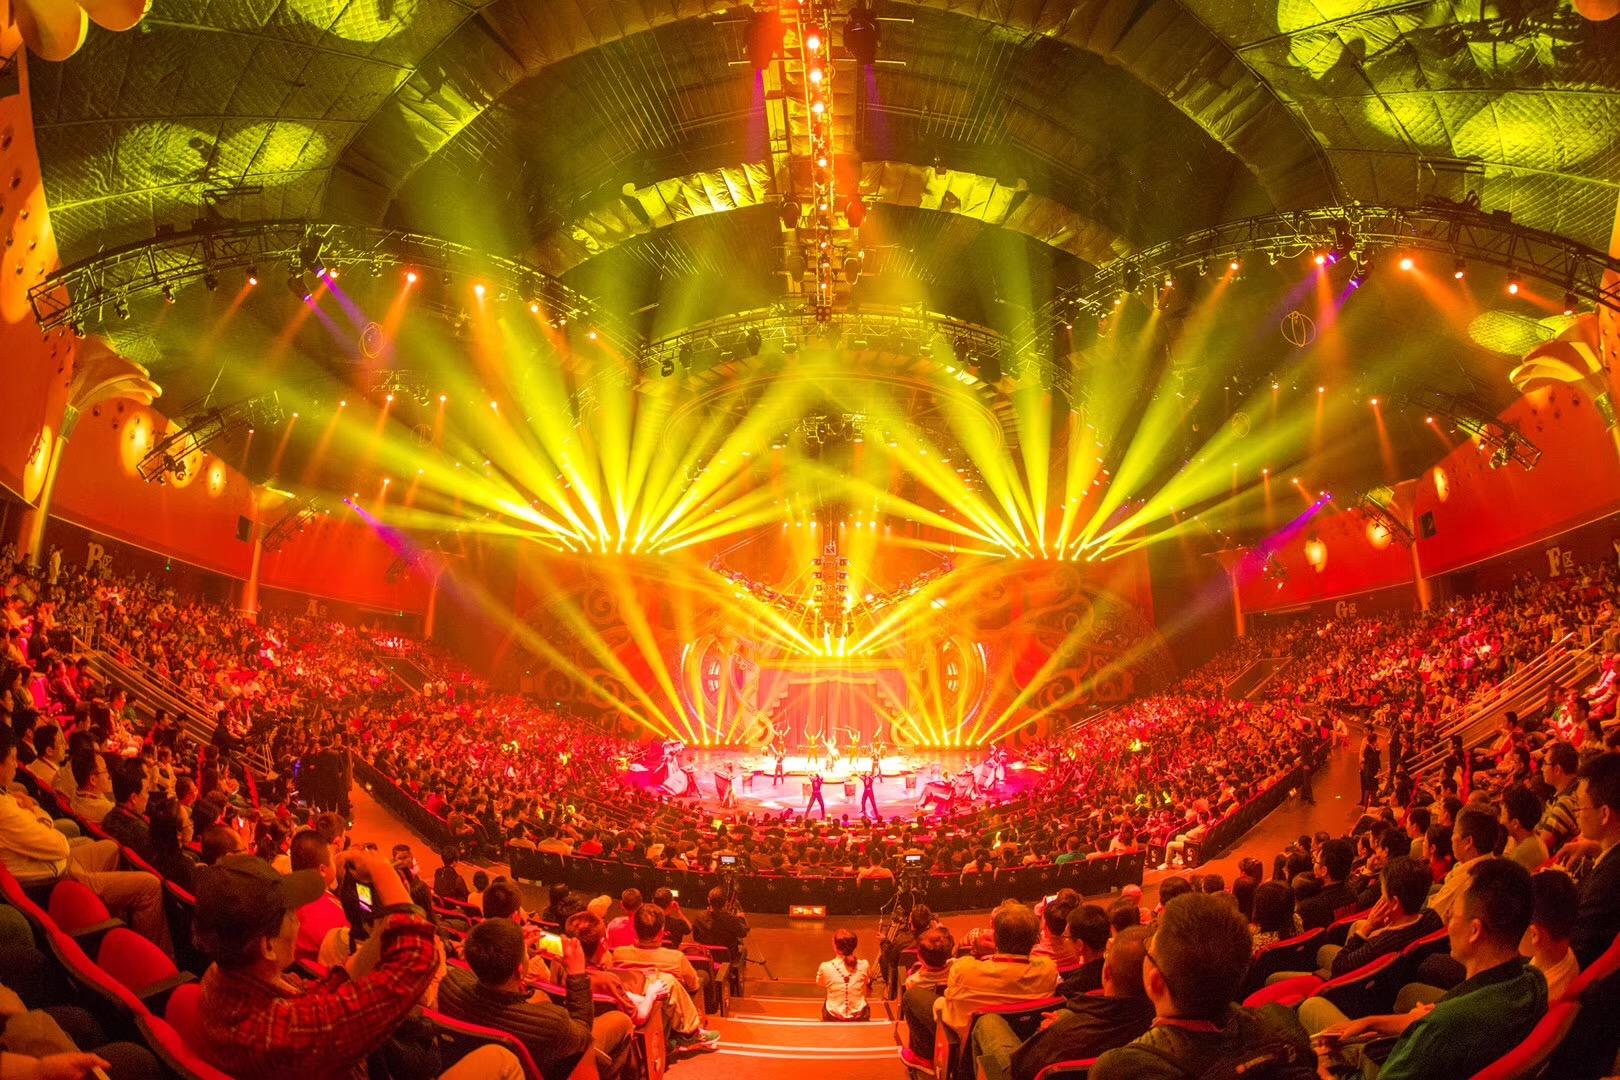 第四届国际马戏节盛大开幕 接下来精彩不断